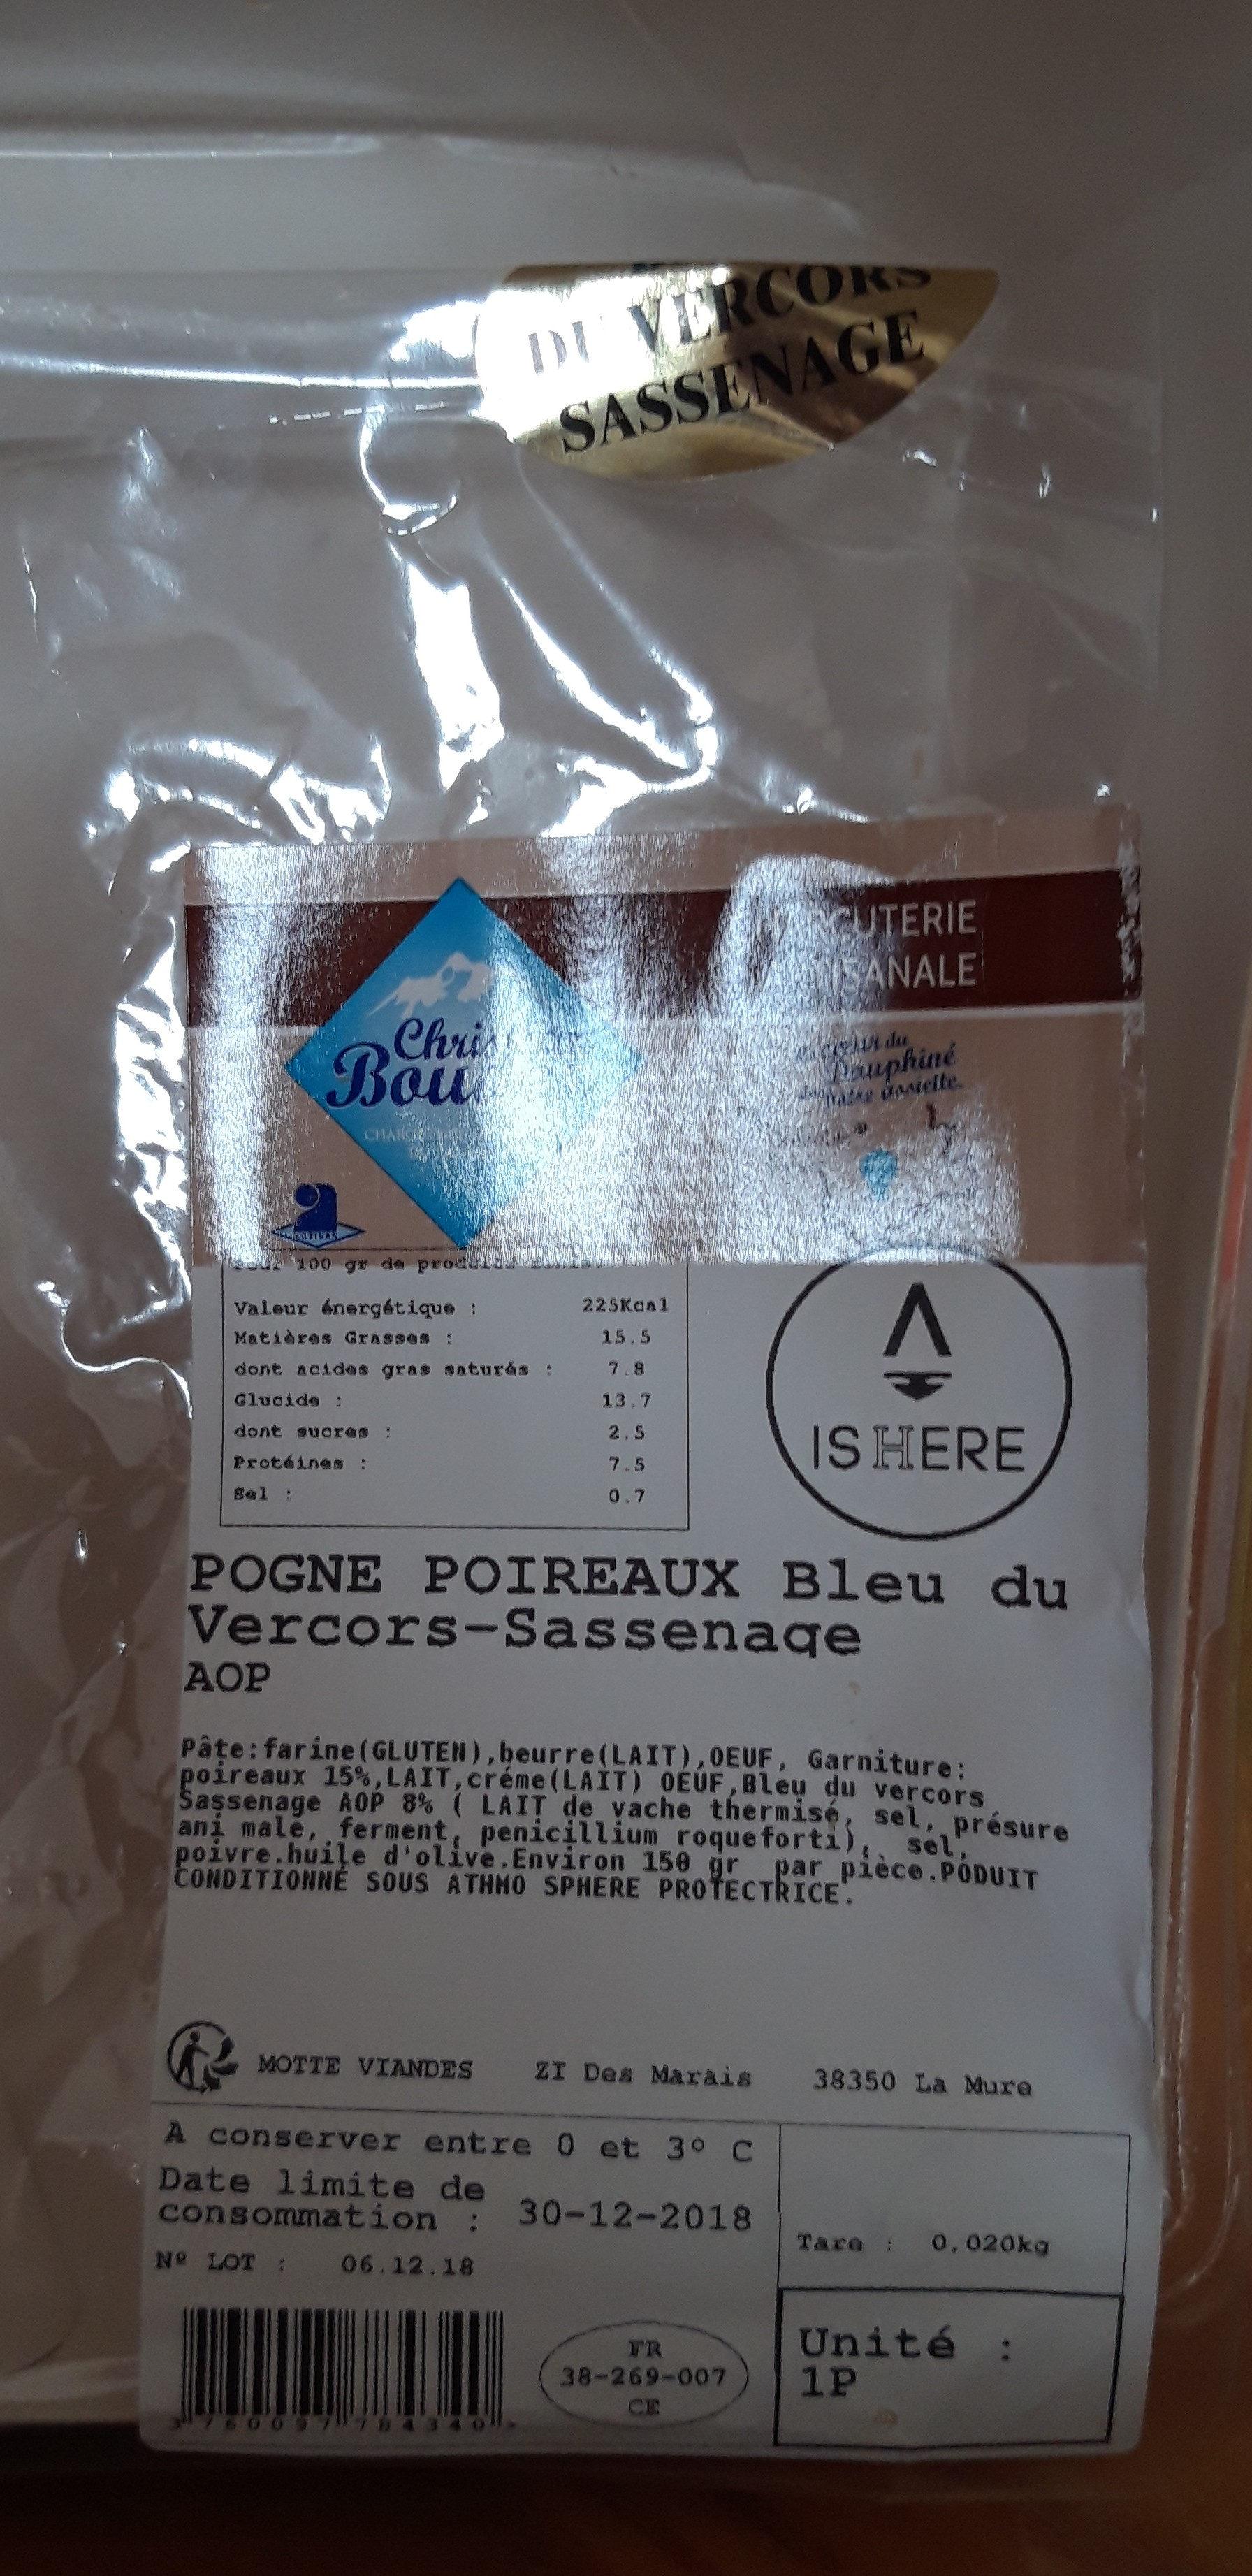 en ligne poireaux Bleu du Vercors Sassenage - Product - fr